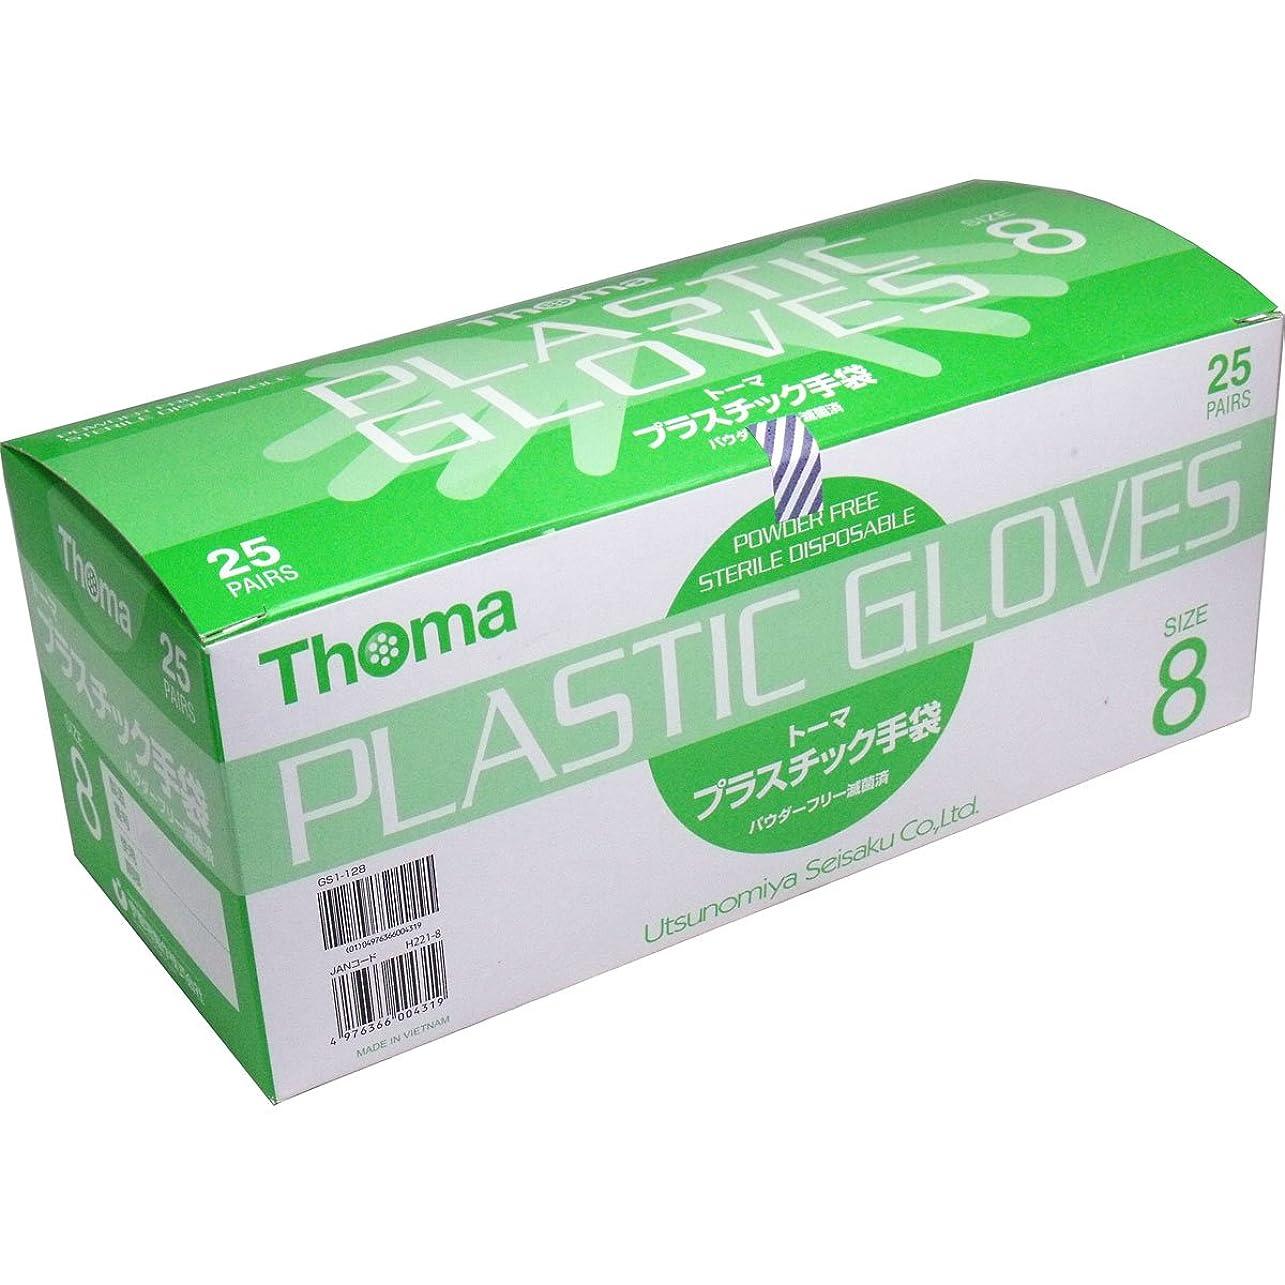 自動車シエスタどうしたのポリ塩化ビニル製 手袋 1双毎に滅菌包装、衛生的 人気商品 トーマ プラスチック手袋 パウダーフリー滅菌済 25双入 サイズ8【3個セット】